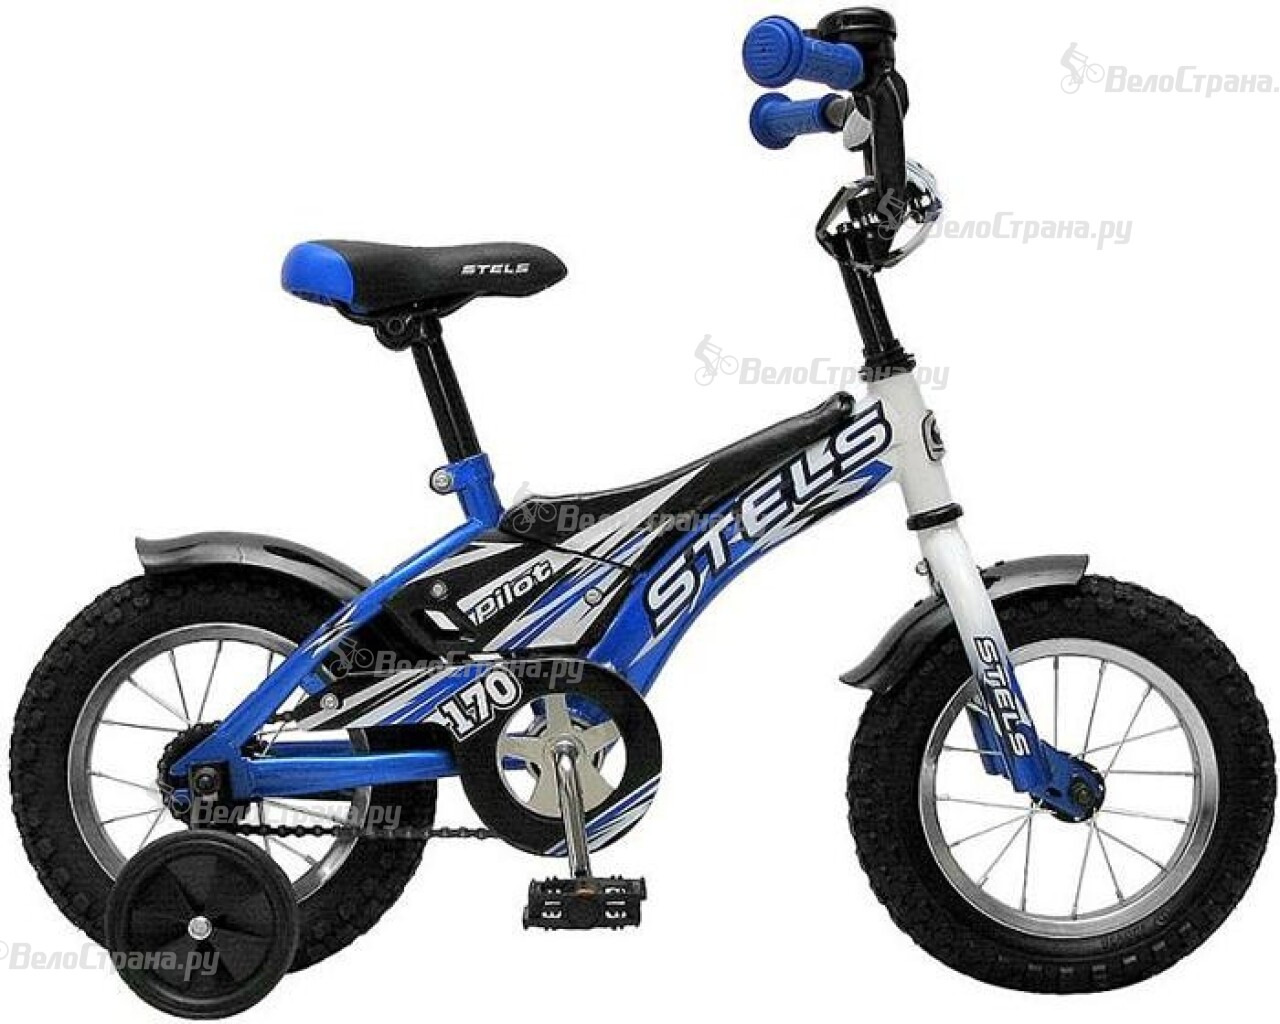 Велосипед Stels Pilot 170 12 (2015) велосипед stels pilot 410 2015